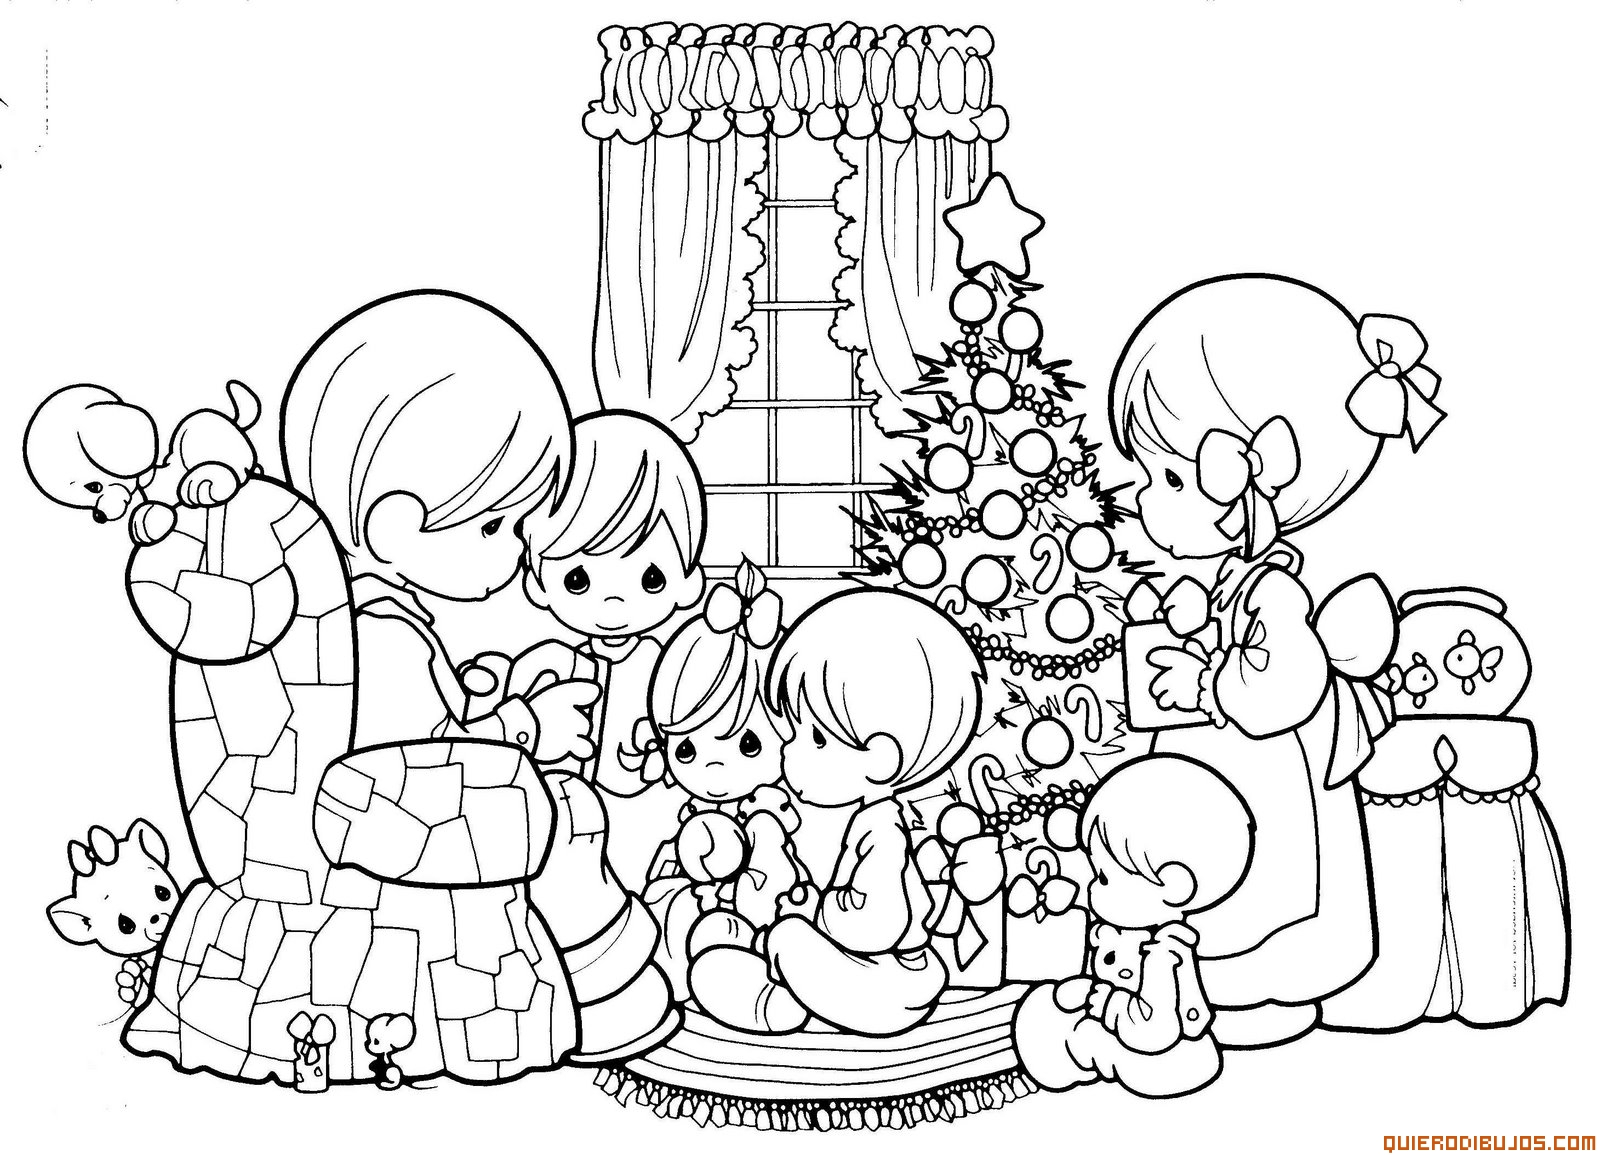 Imagenes De Niños Para Colorear Animados: Dibujos De Navidad Para Colorear De Niños